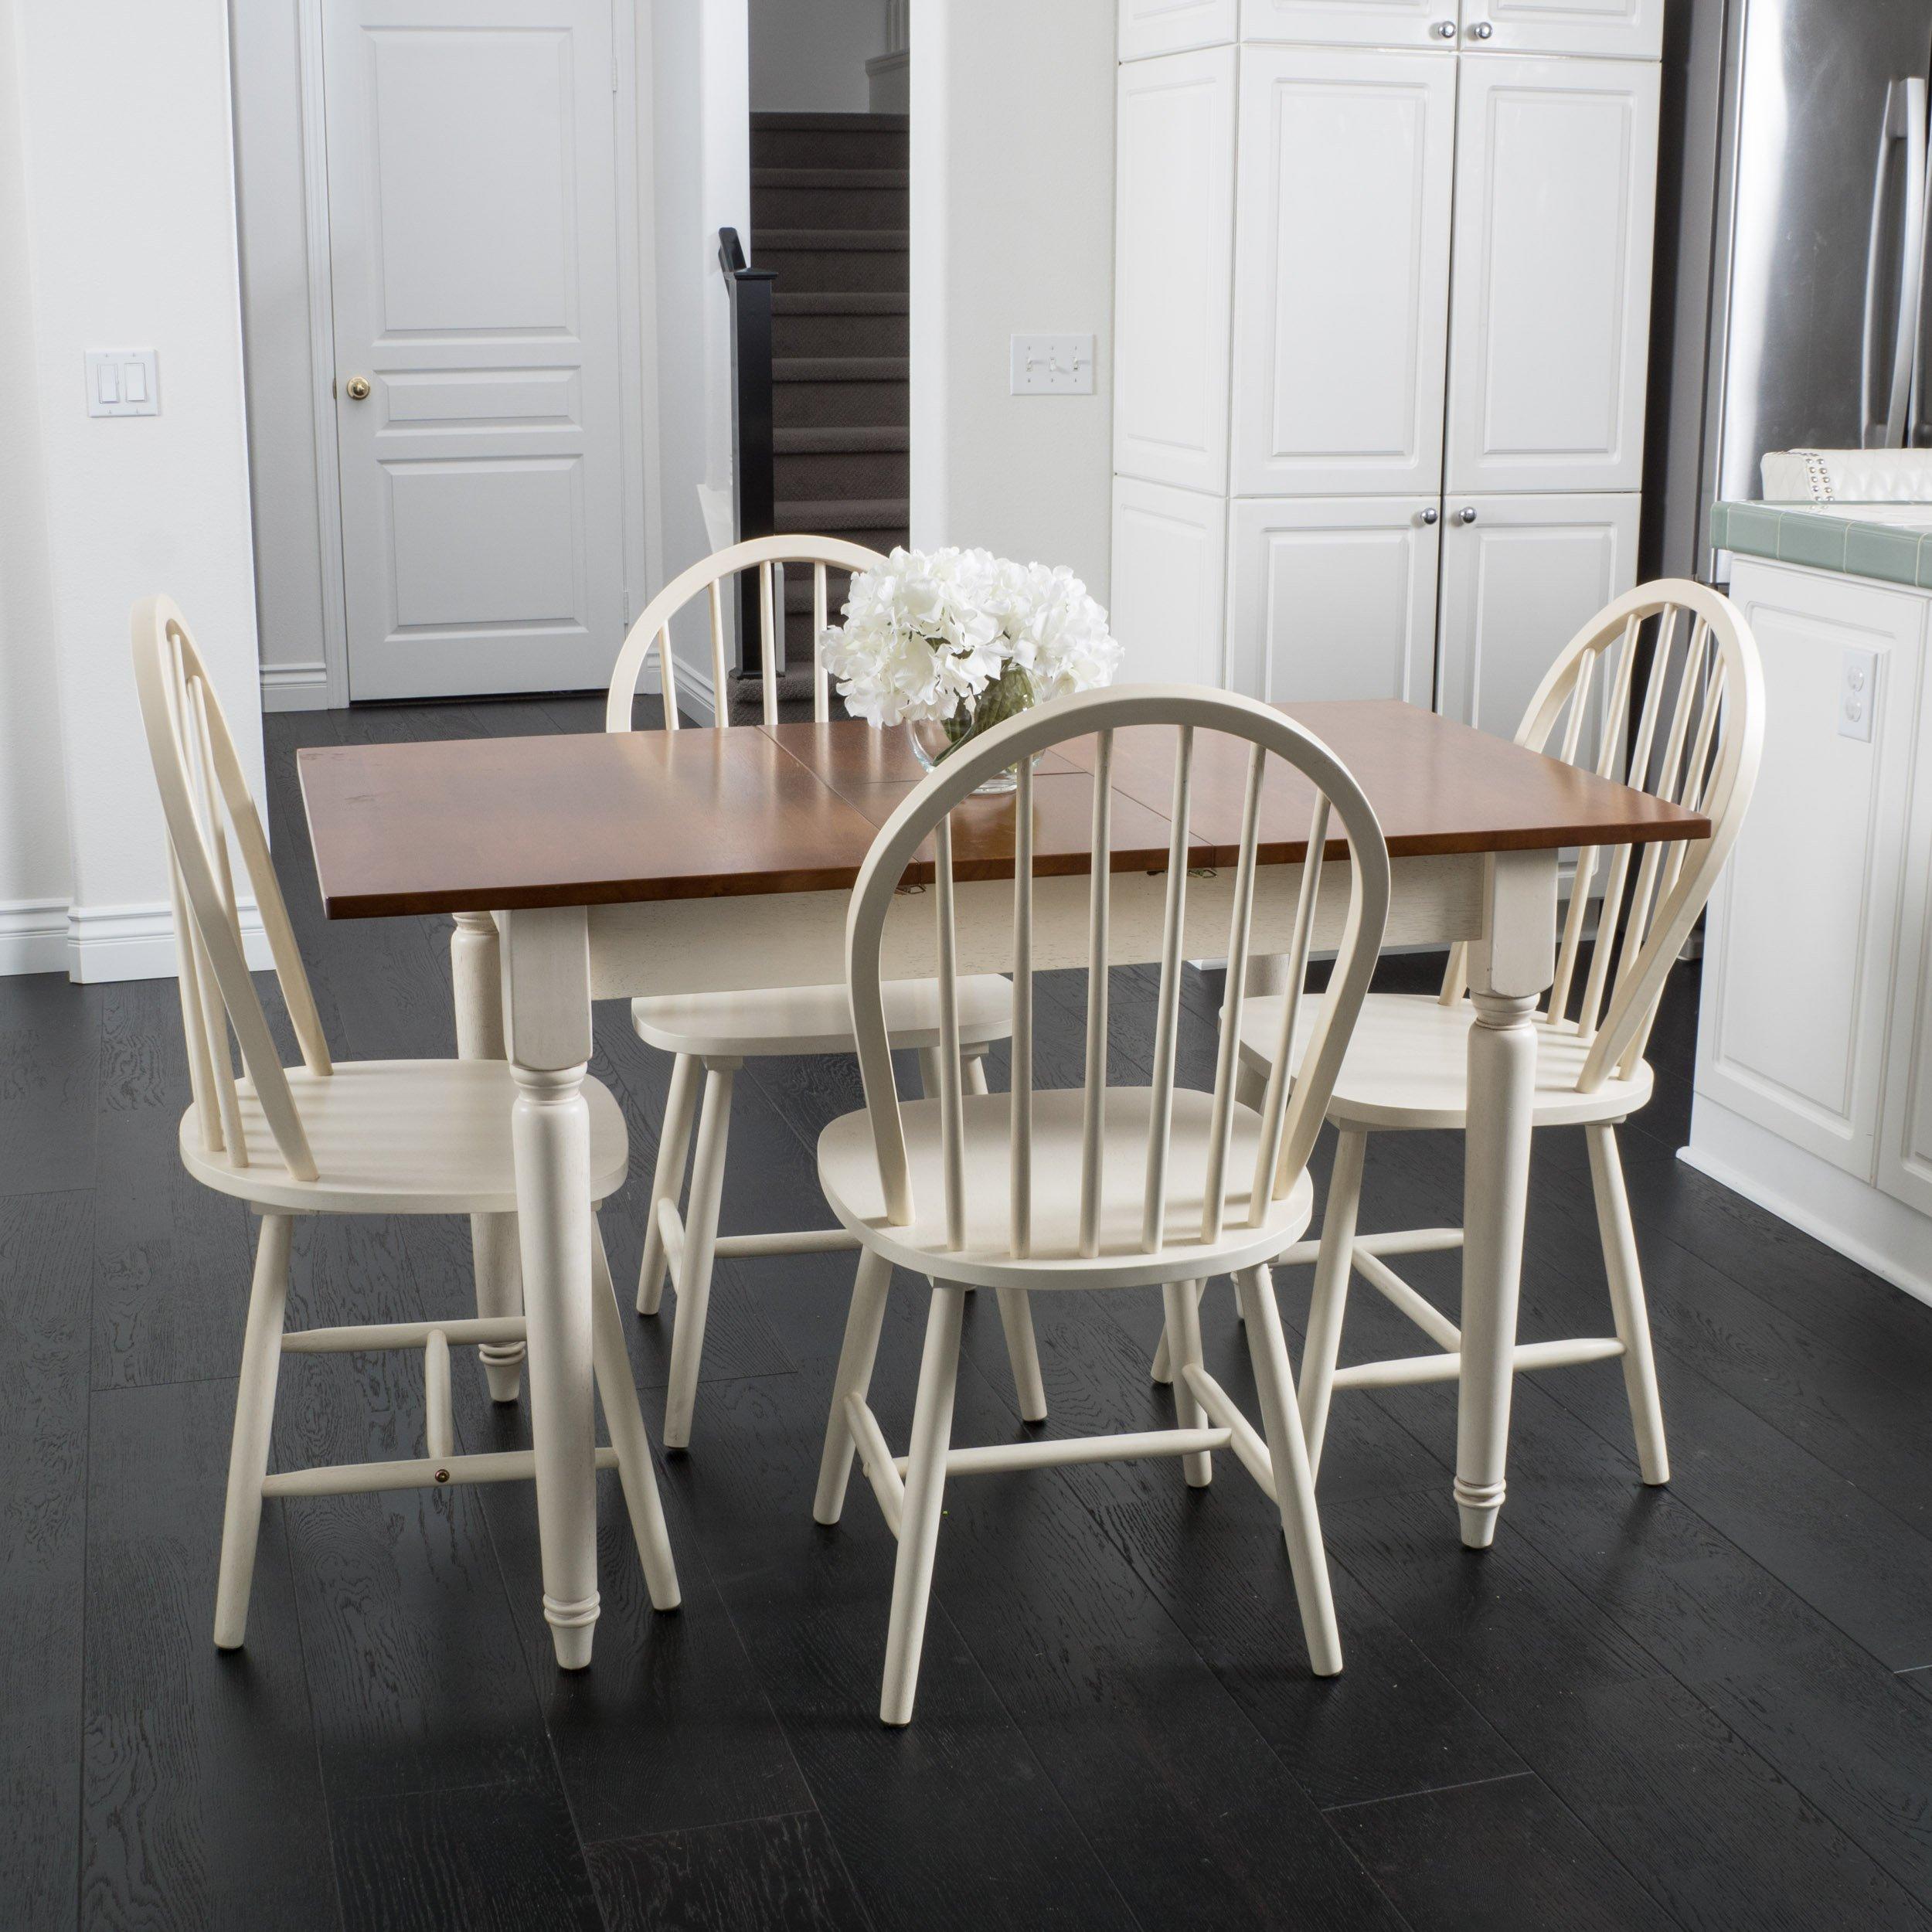 farmhouse kitchen table sets Farmhouse Kitchen Table Set: Amazon.com farmhouse kitchen table sets